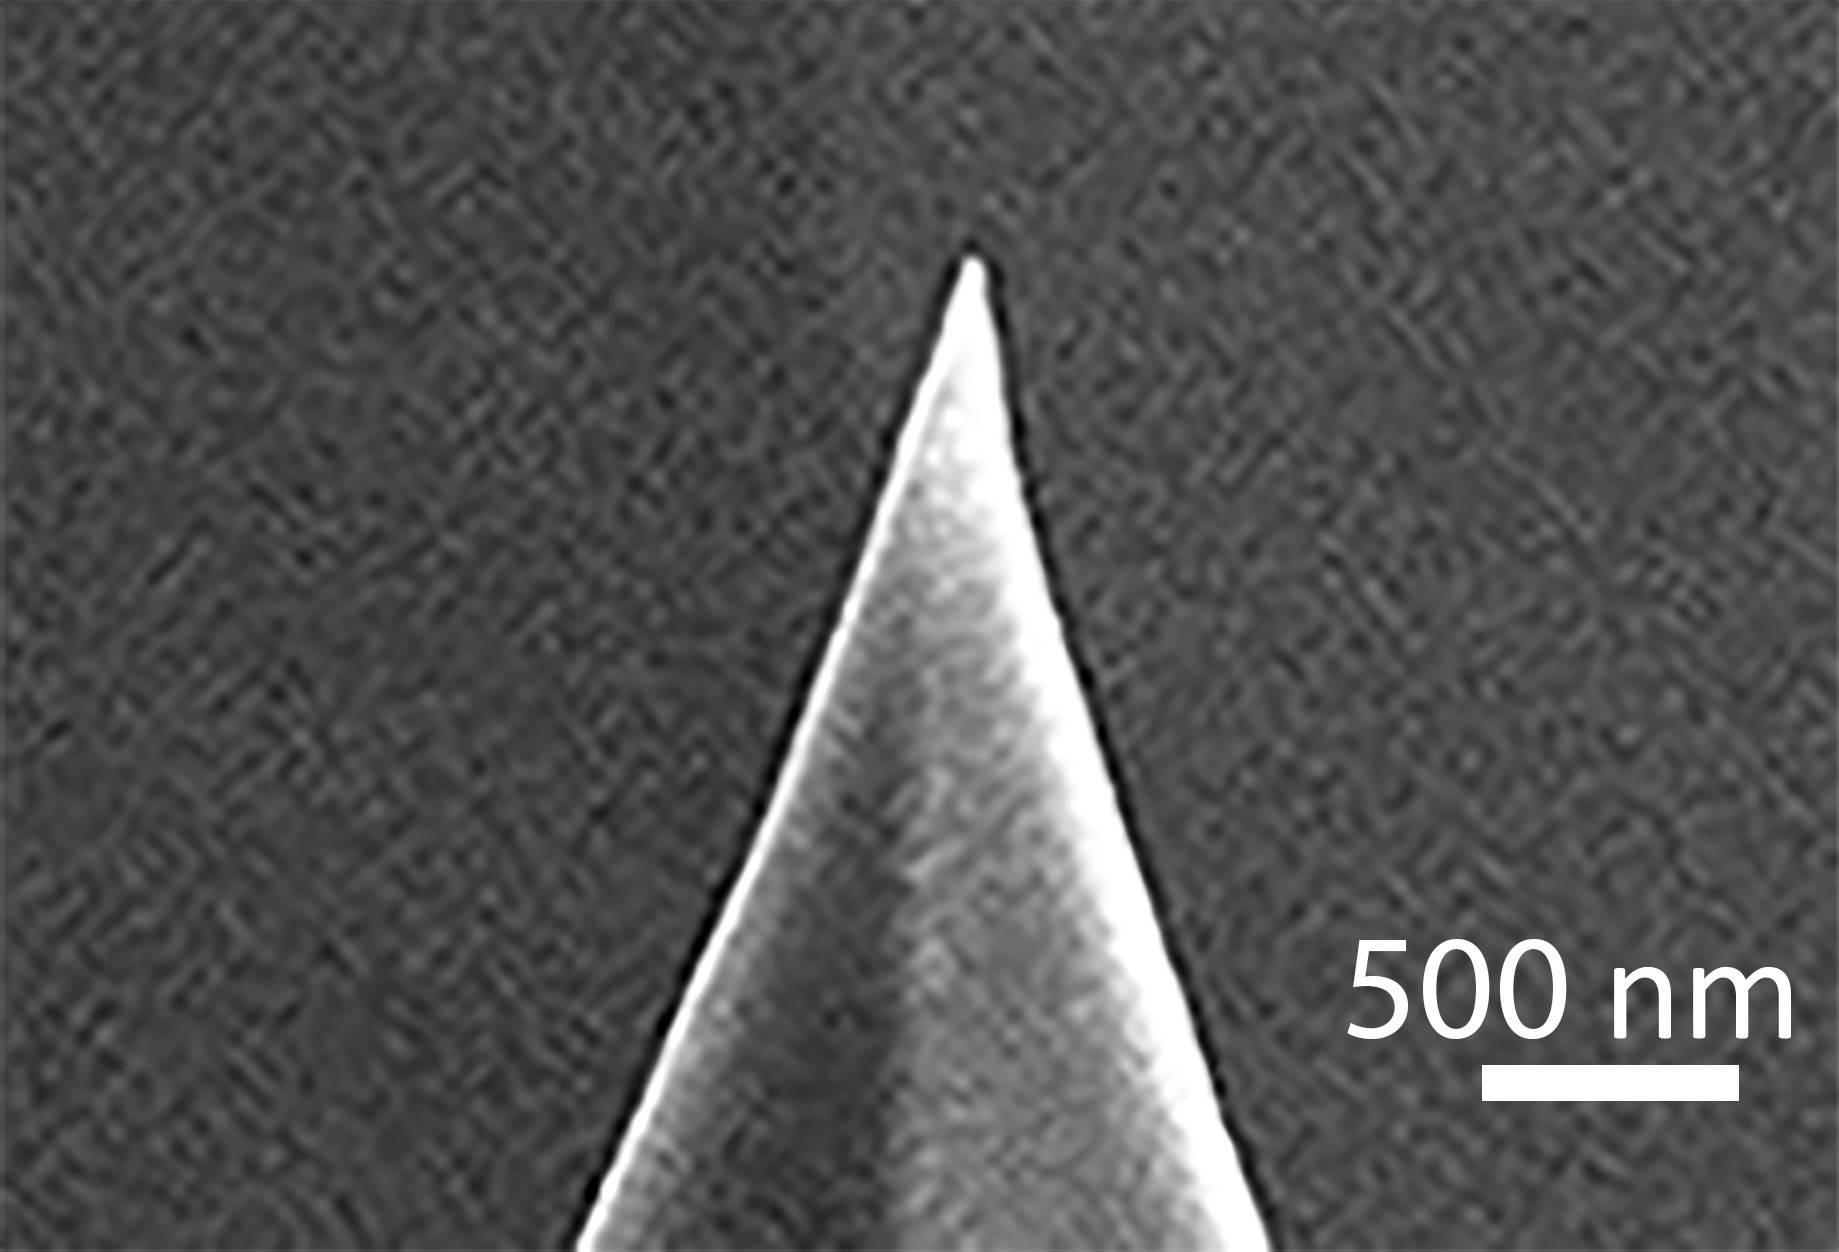 Изображение кремниевой иглы (электронный микроскоп) до синтеза диоксида ванадия. Victor Ya. Prinz et.al./Nanoscale, 2020.